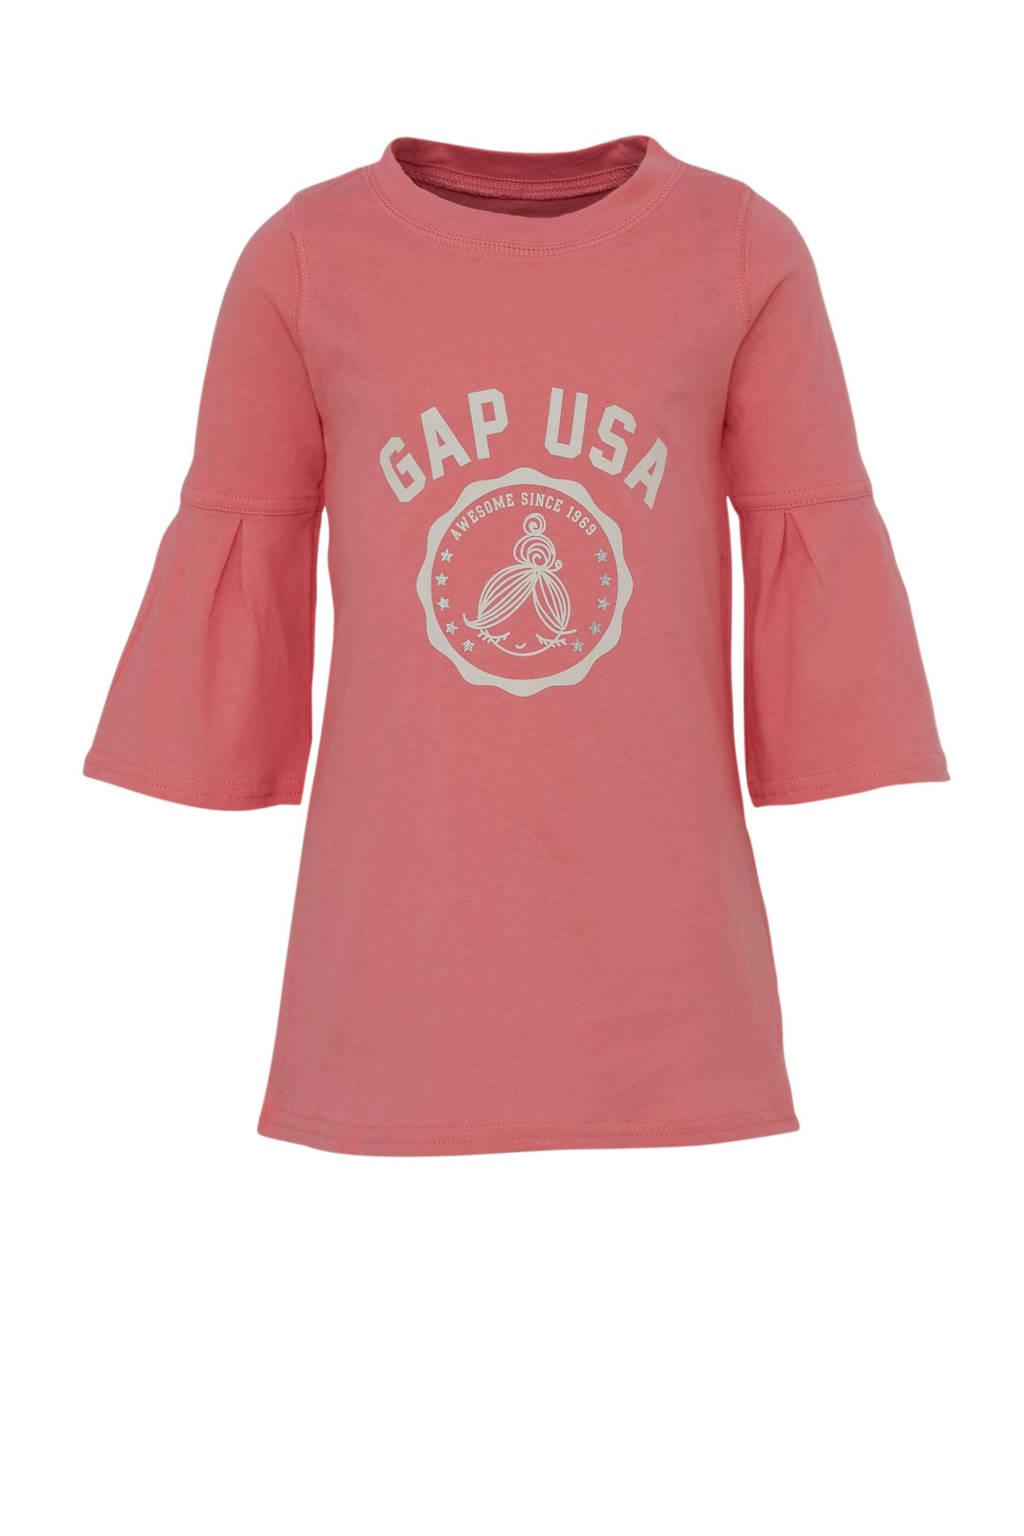 GAP jersey jurk met logo roze, Roze